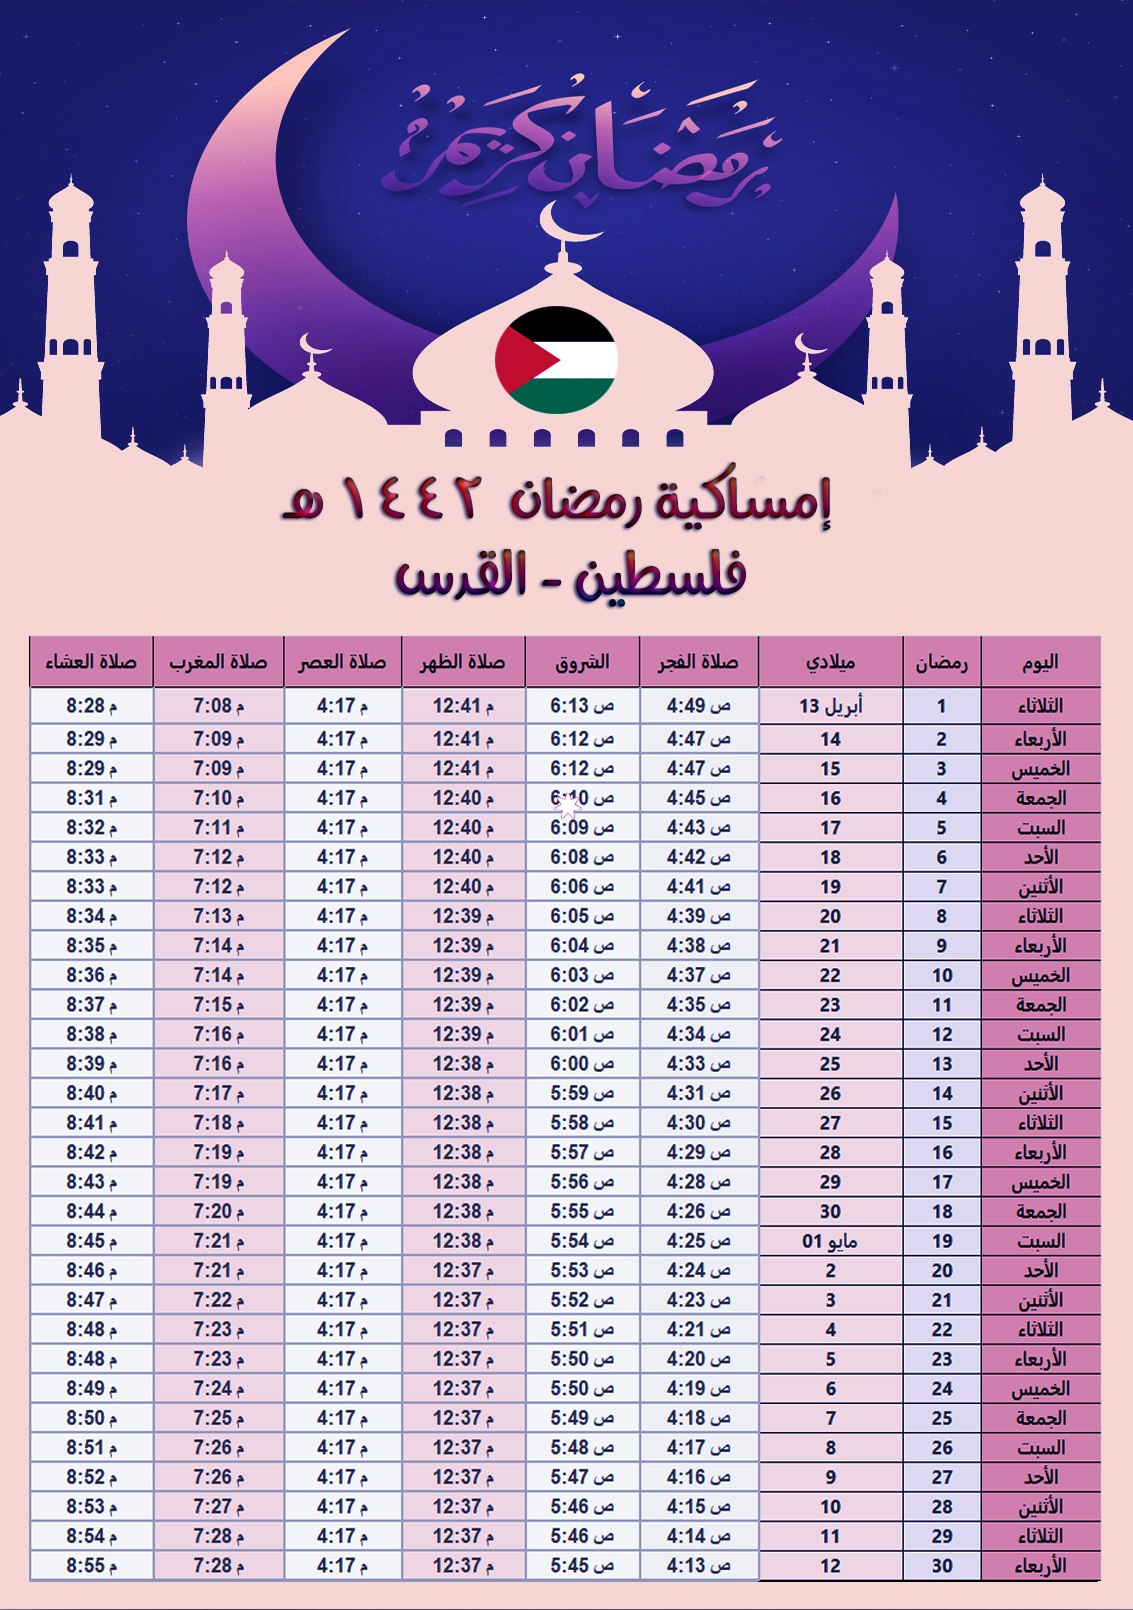 امساكية رمضان 2021 فلسطين القدس تقويم 1442 Ramadan Imsakia Palestine Jerusalem